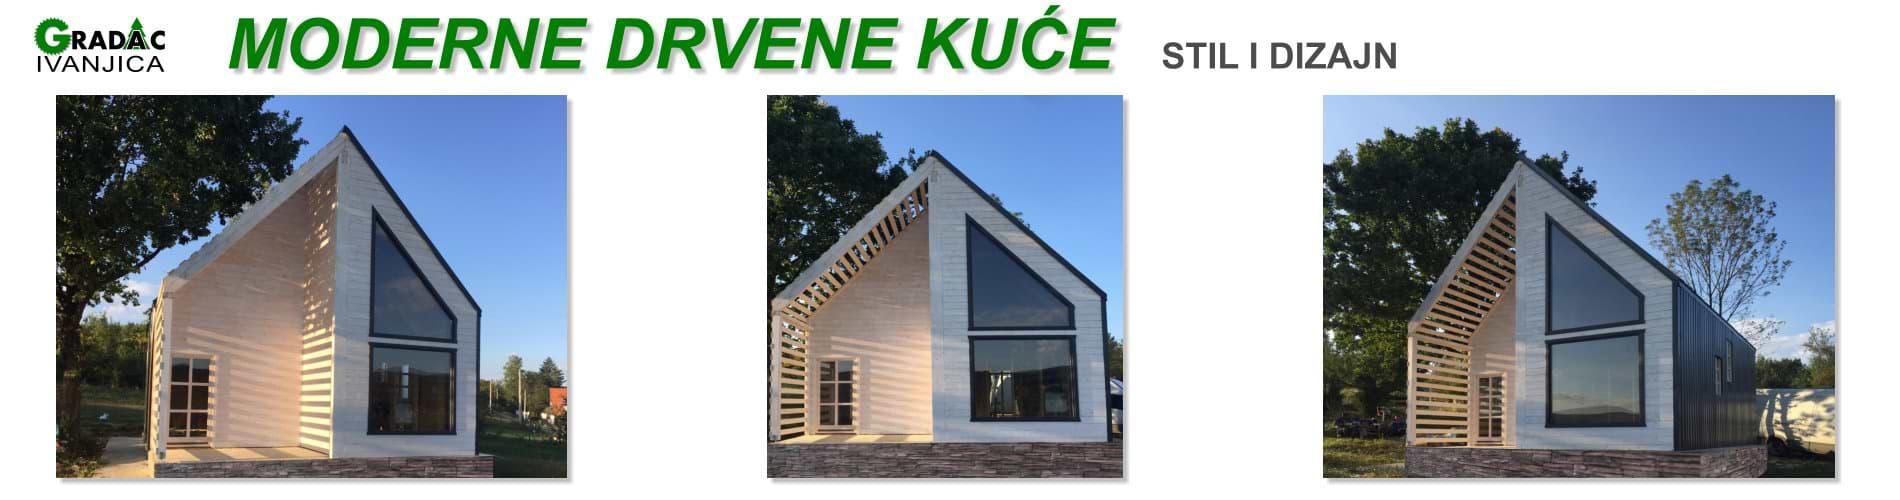 Moderne drvene kuće